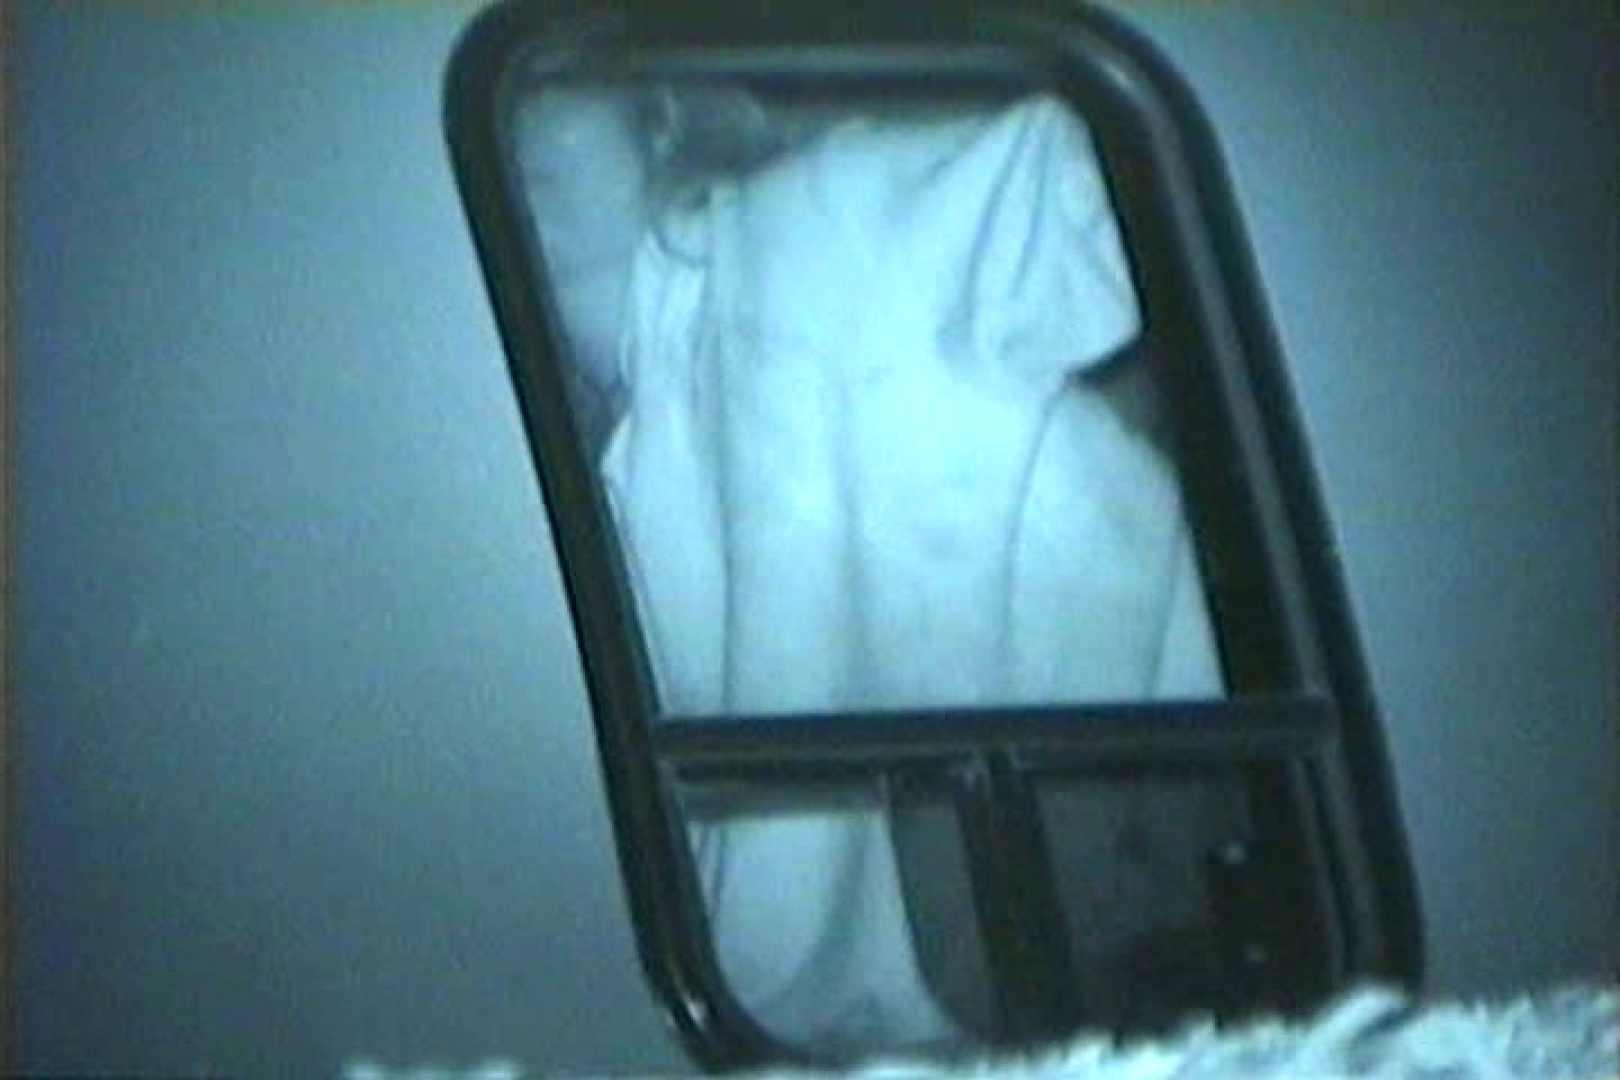 車の中はラブホテル 無修正版  Vol.25 熟女 AV無料動画キャプチャ 103PIX 43